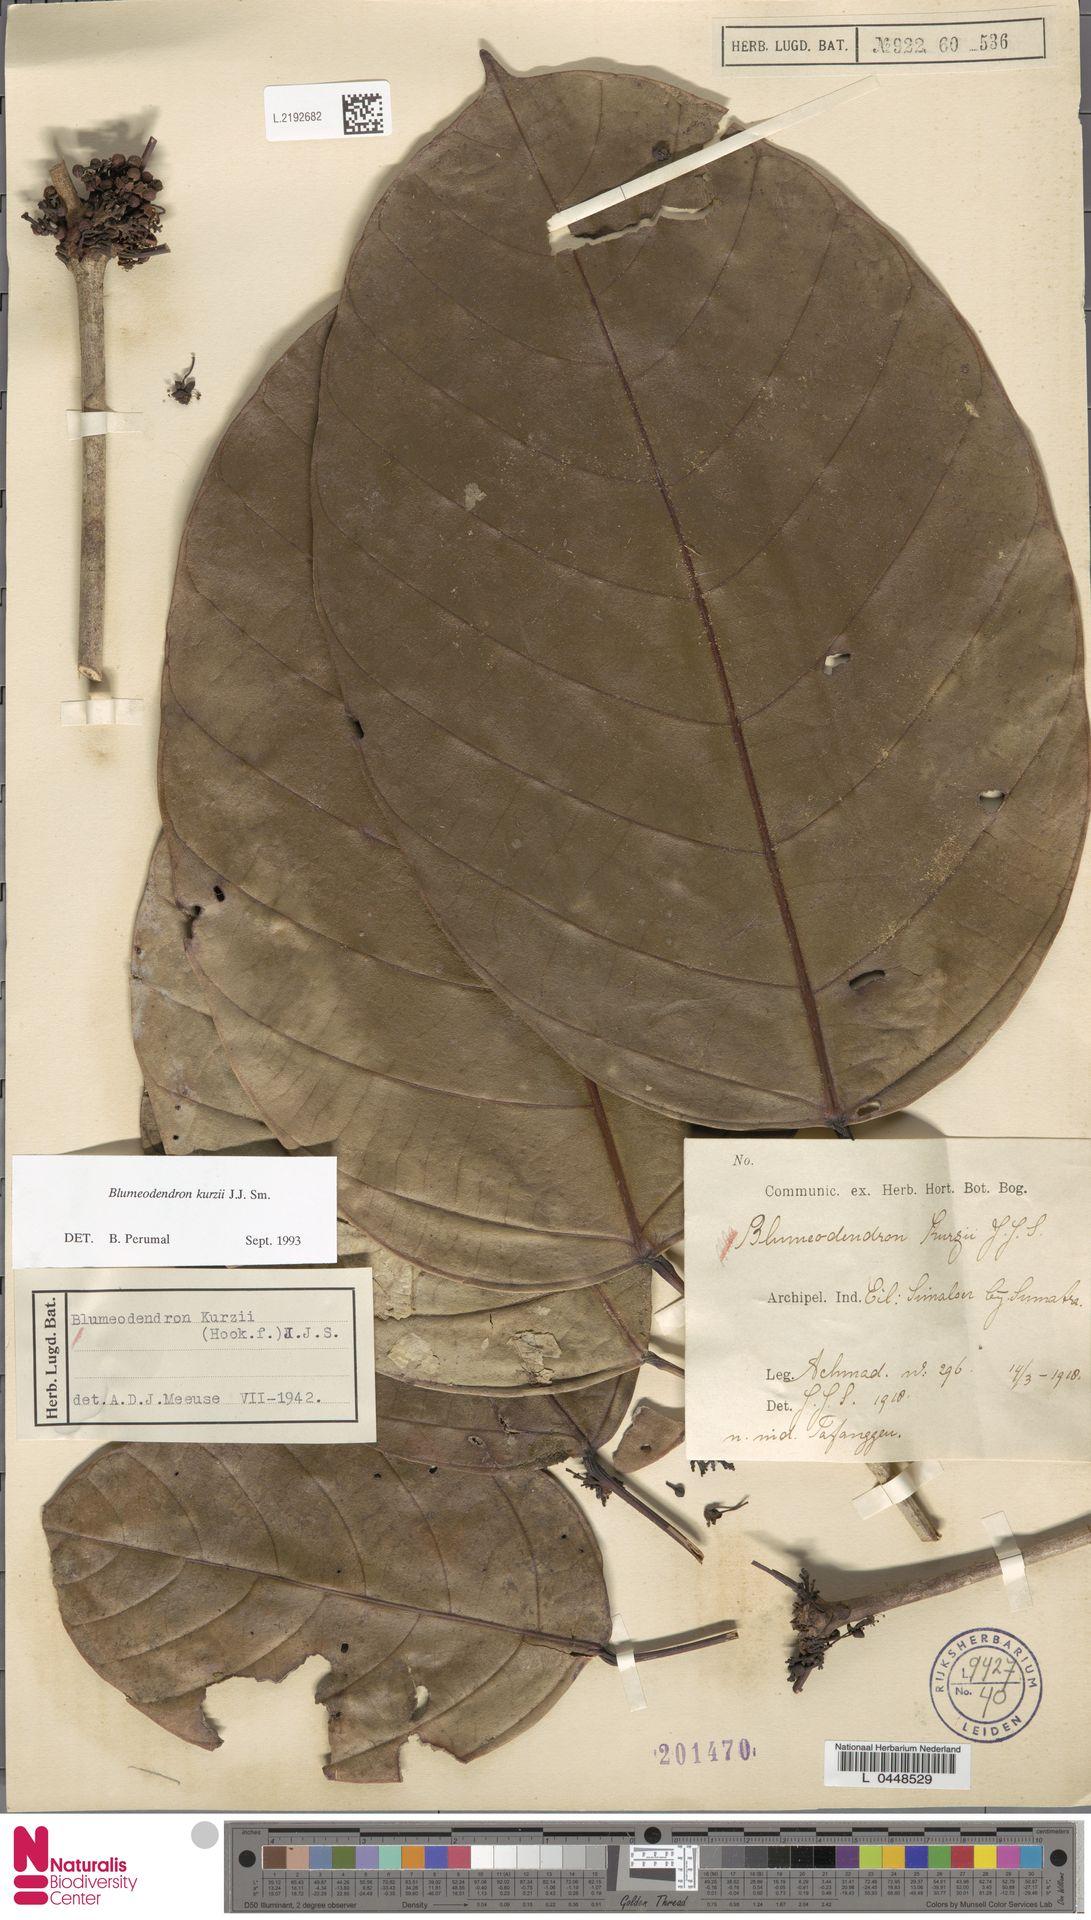 L.2192682 | Blumeodendron kurzii (Hook.f.) J.J.Sm.